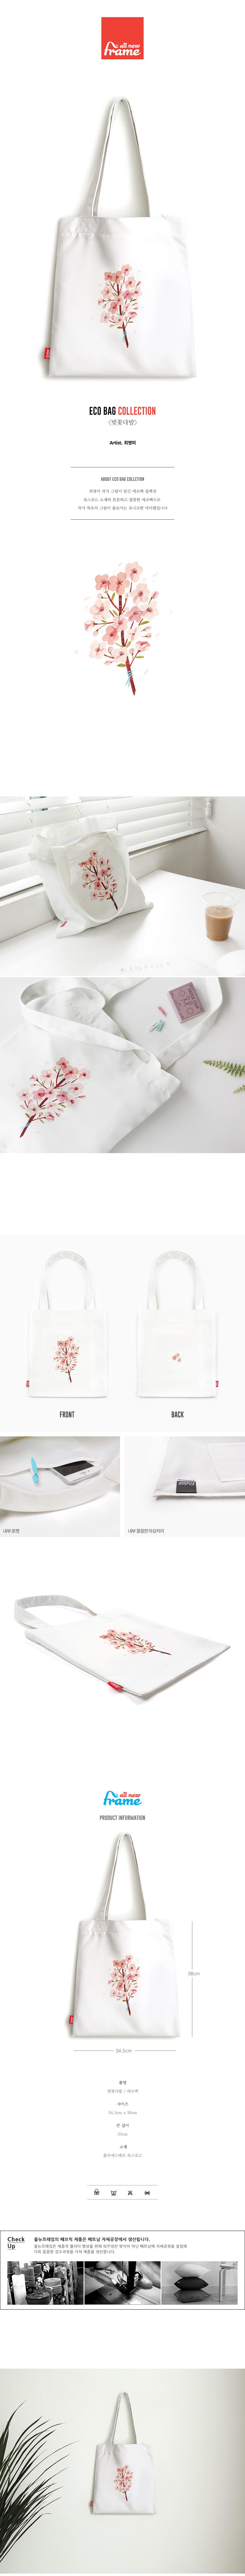 (ECO BAG) 벚꽃다발 - 올뉴프레임, 22,000원, 캔버스/에코백, 에코백